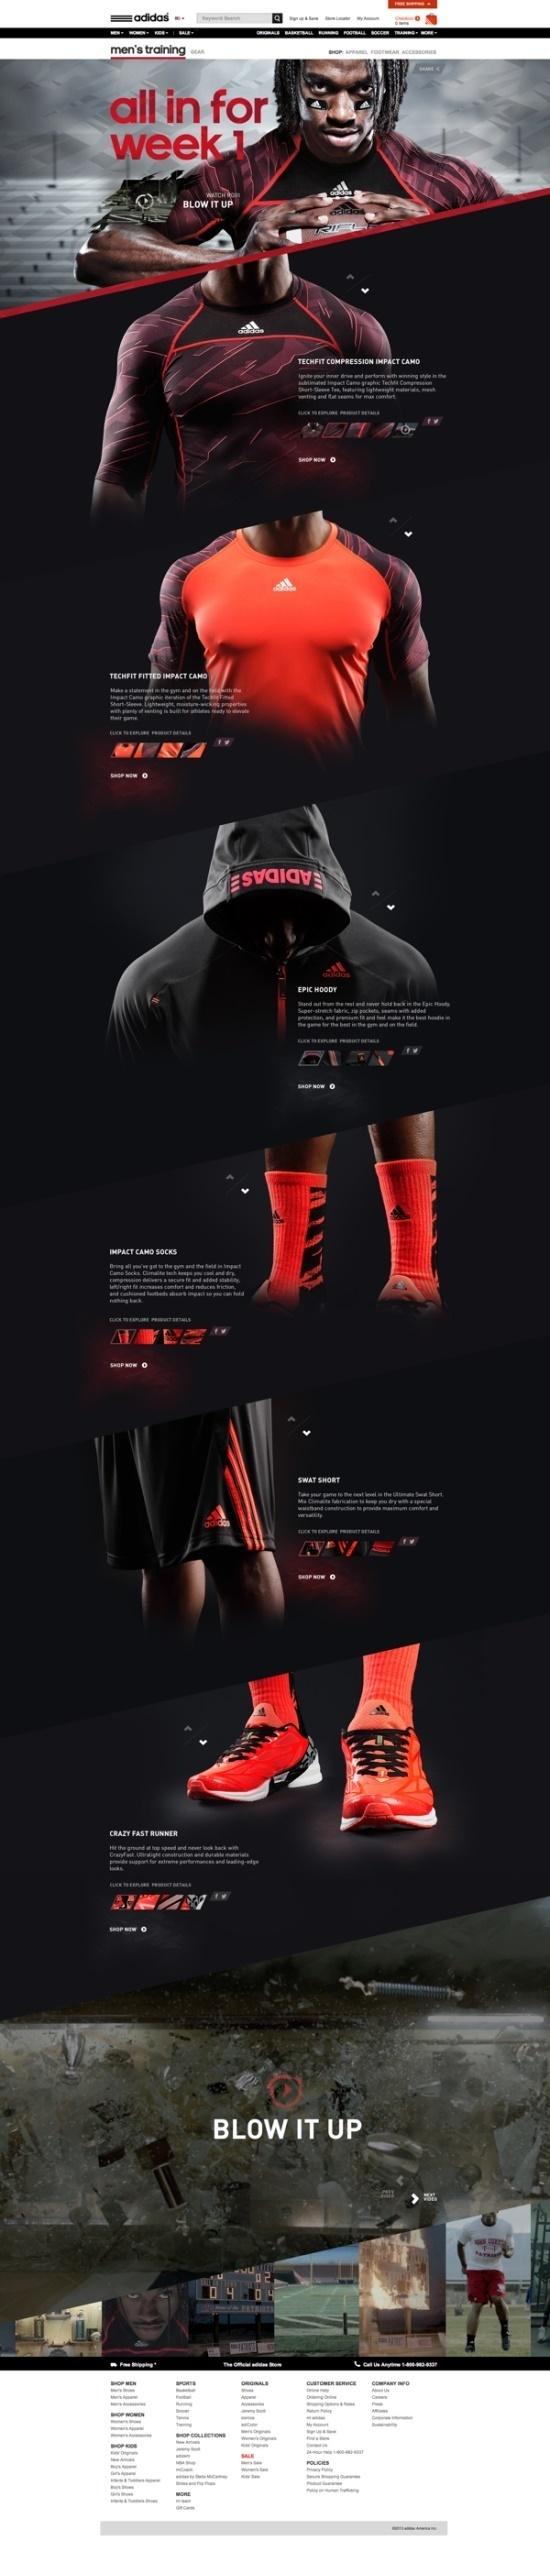 adidas Week 1 Experience by Ryan Mendes, via Behance #site